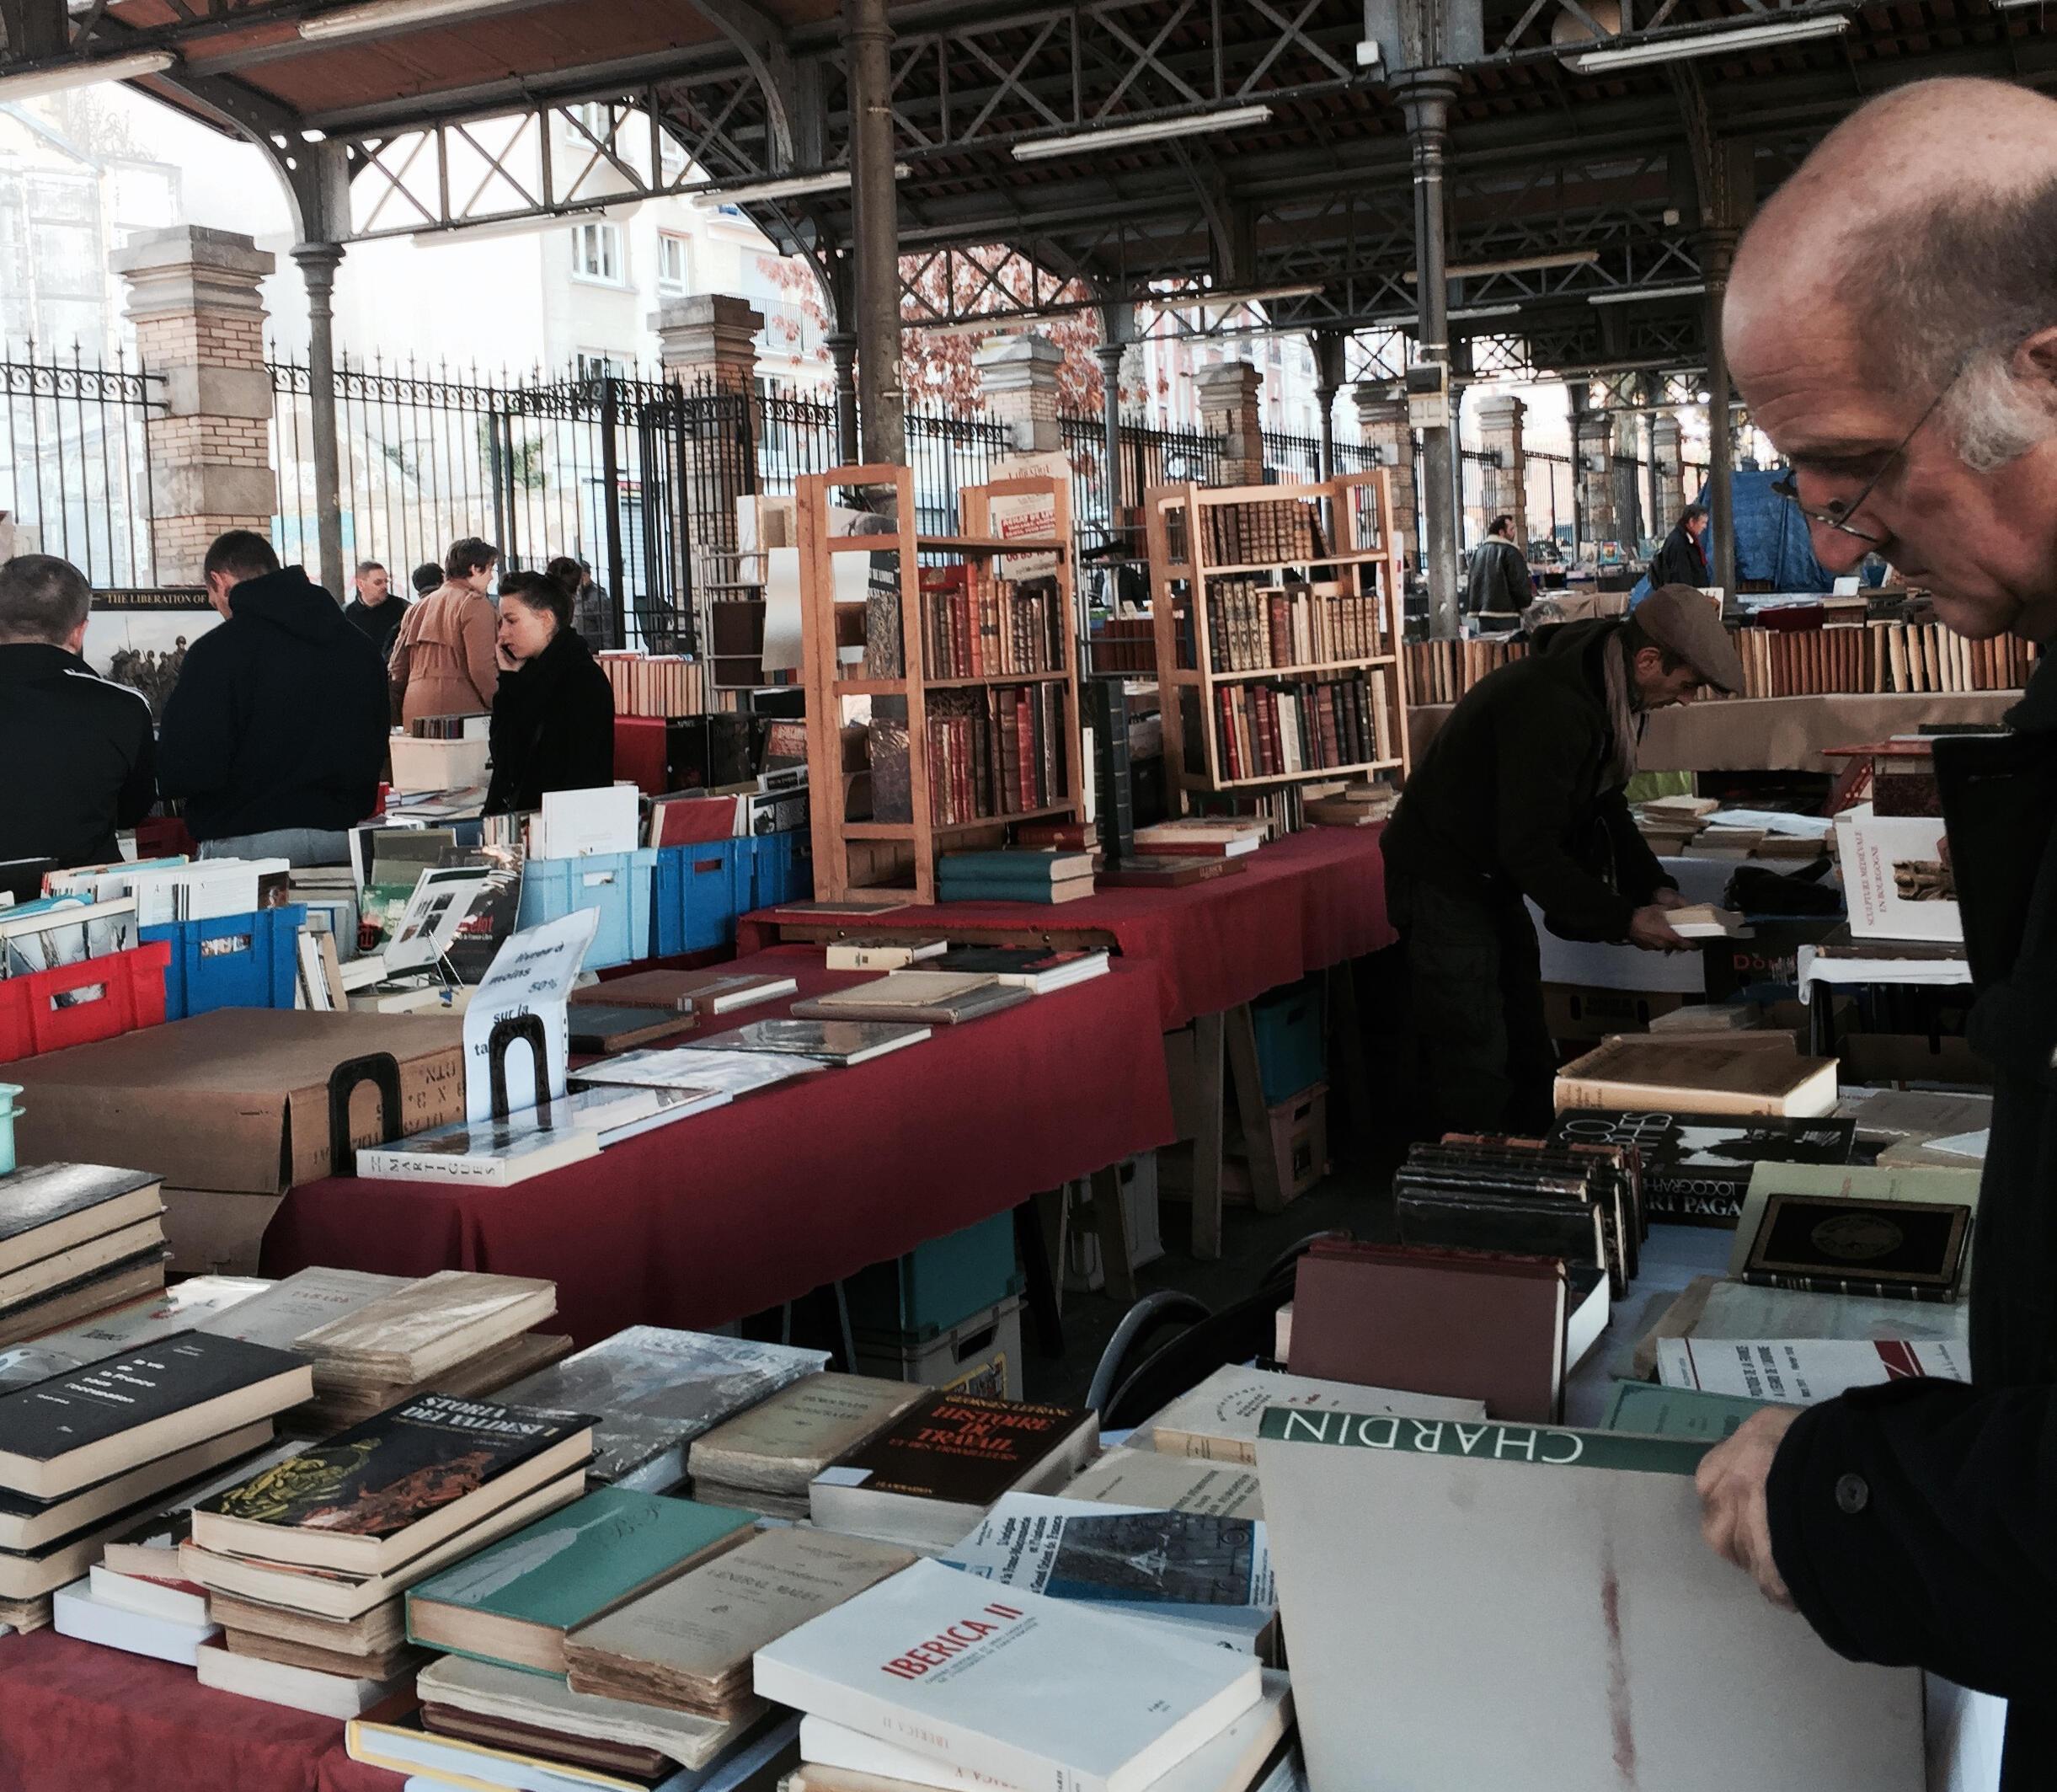 بازار کتاب در محله پانزدهم پاریس هر شنبه و یکشنبه پذیرای دوستداران کتاب است